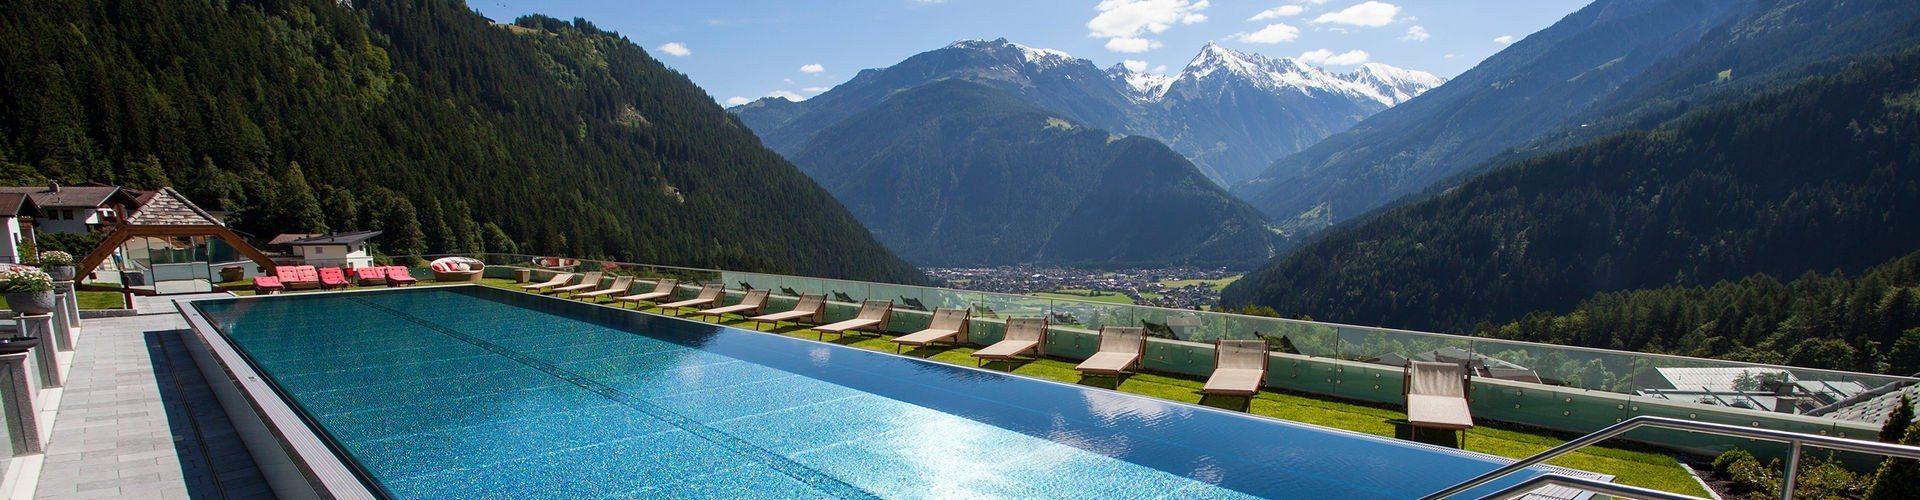 Stock Resort Finkenberg Zillertal Austria Infinity Pools